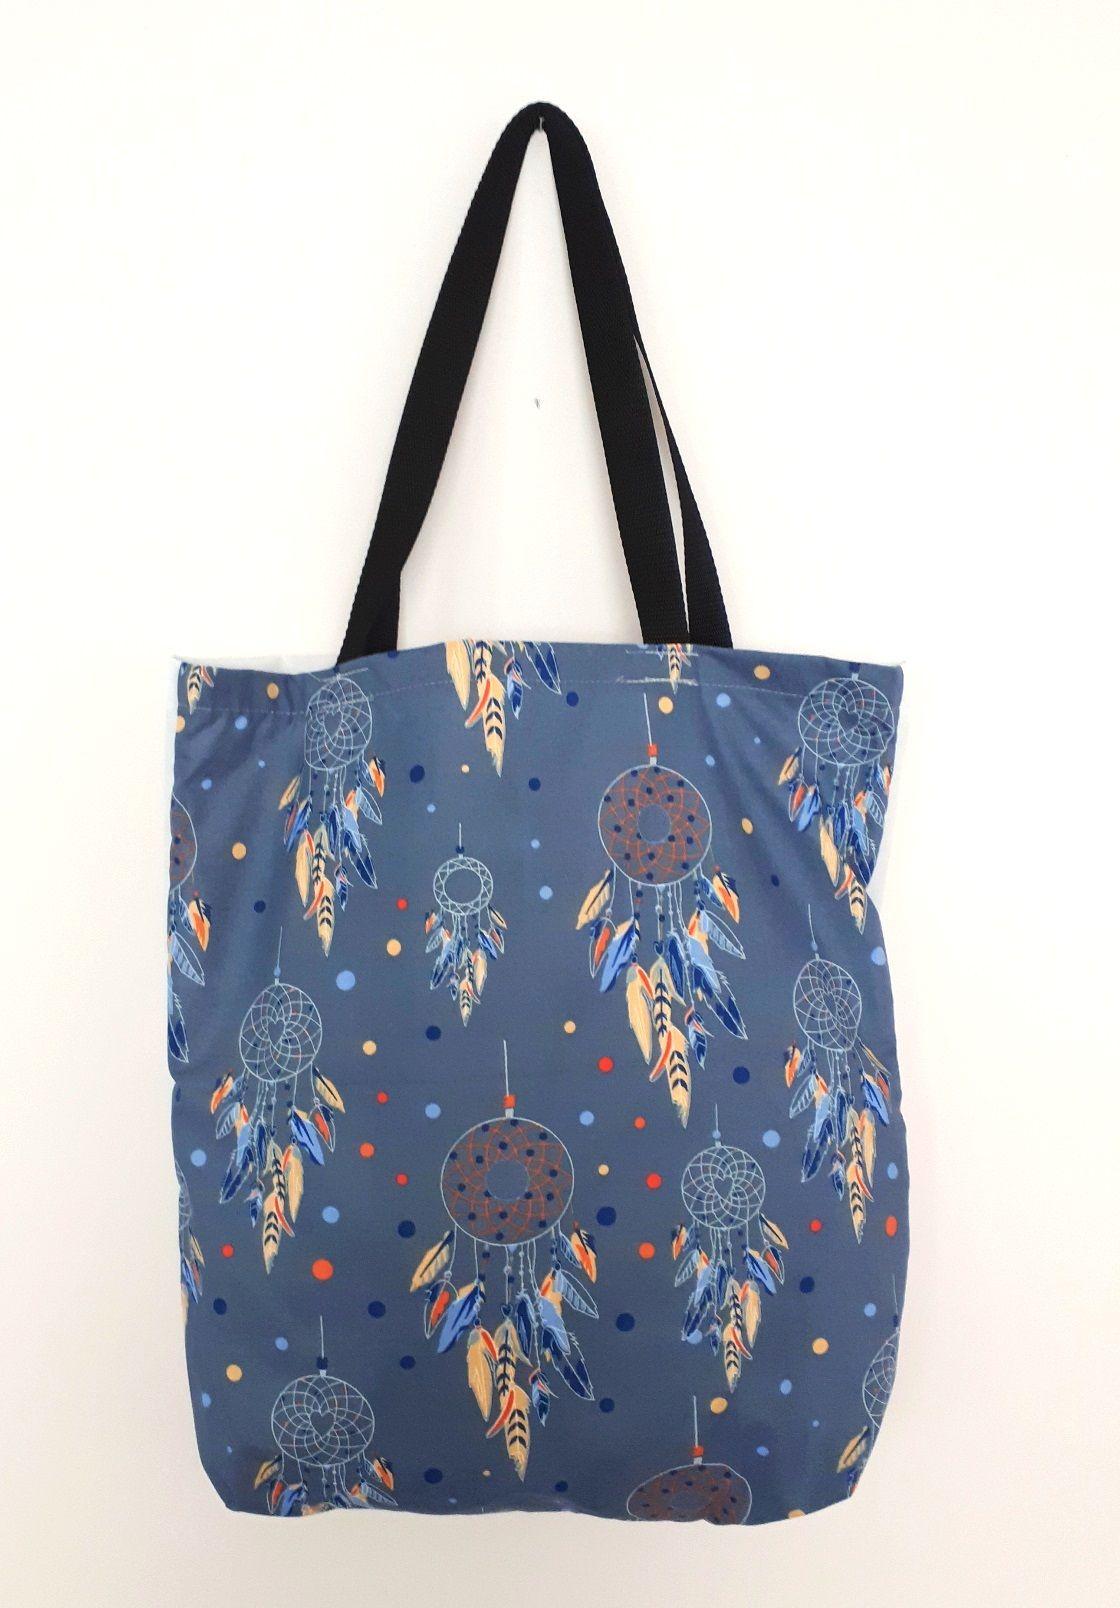 Eko Torba Bawelniana Bags Reusable Tote Bags Tote Bag